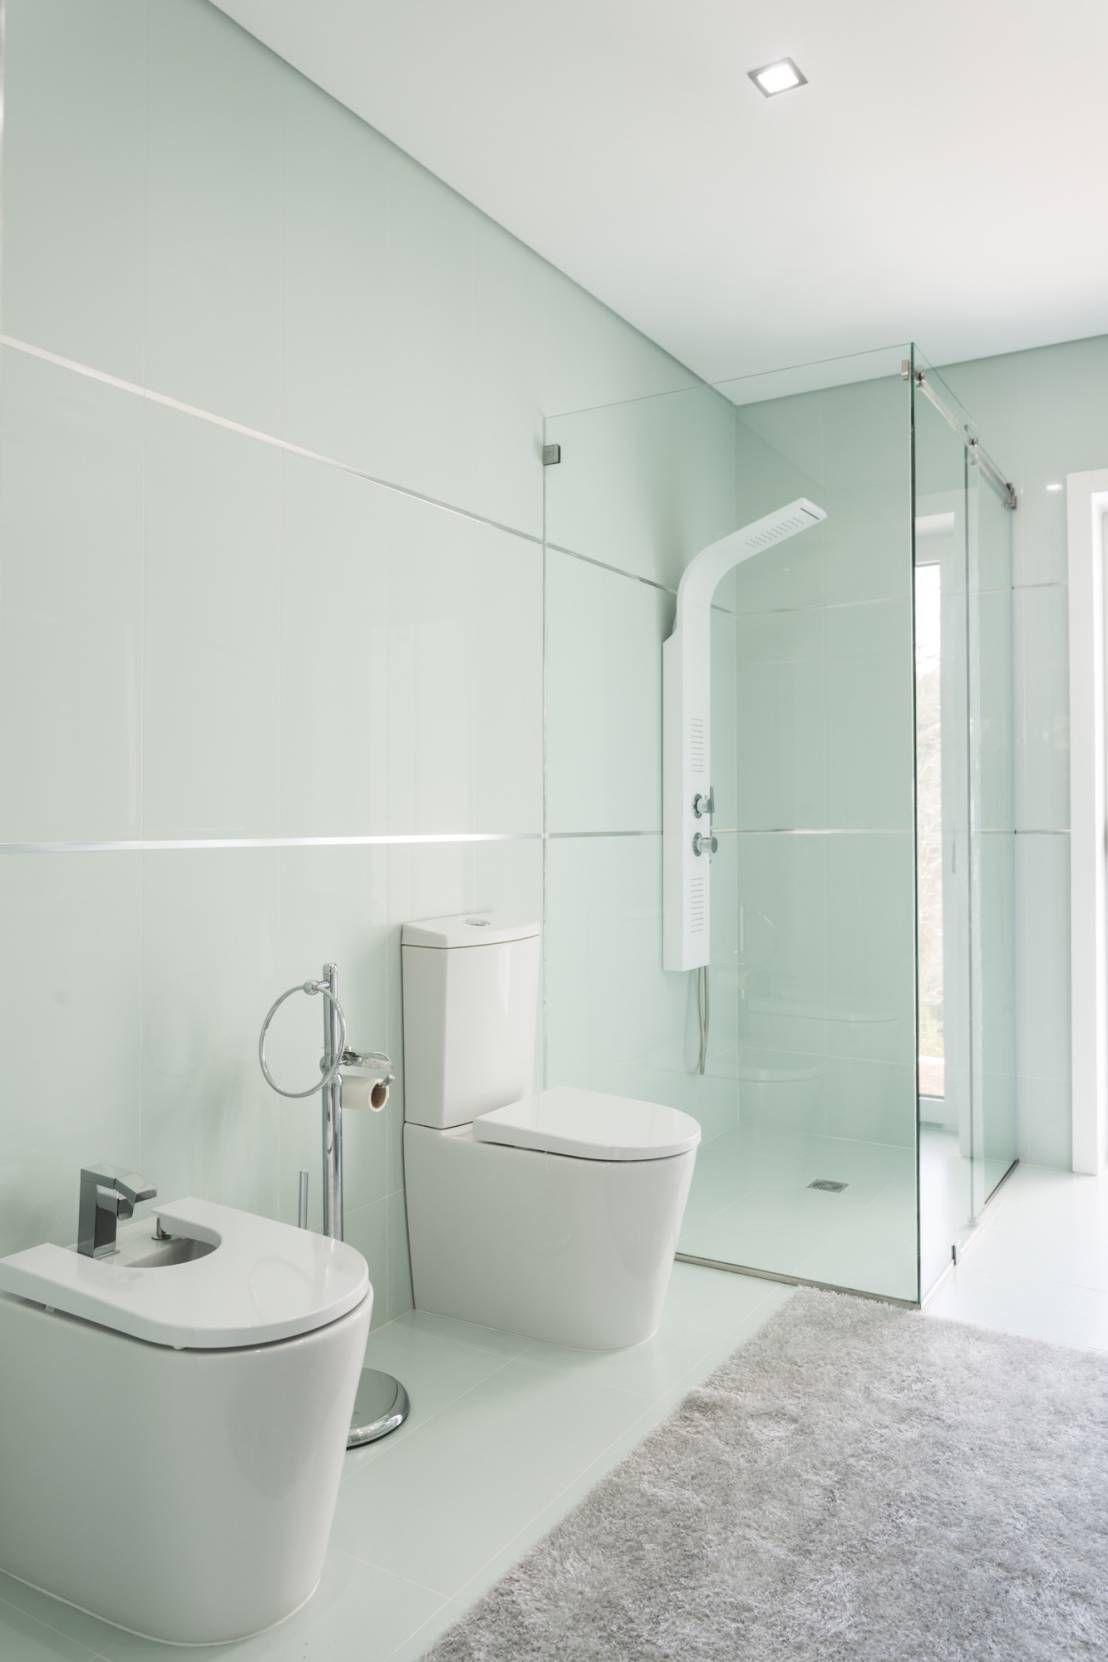 Casa De Banho Interdesign De 2019 Decoracao Casa De